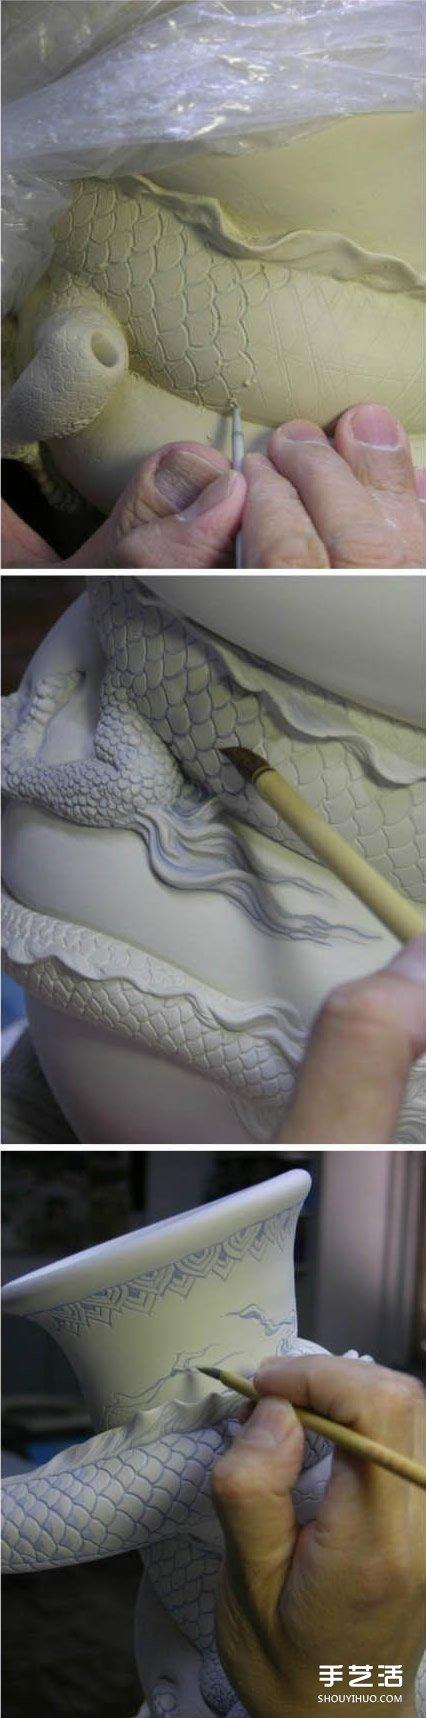 龙形陶瓷瓶DIY制作过程 中国龙盘旋陶瓷瓶制作 -  www.shouyihuo.com